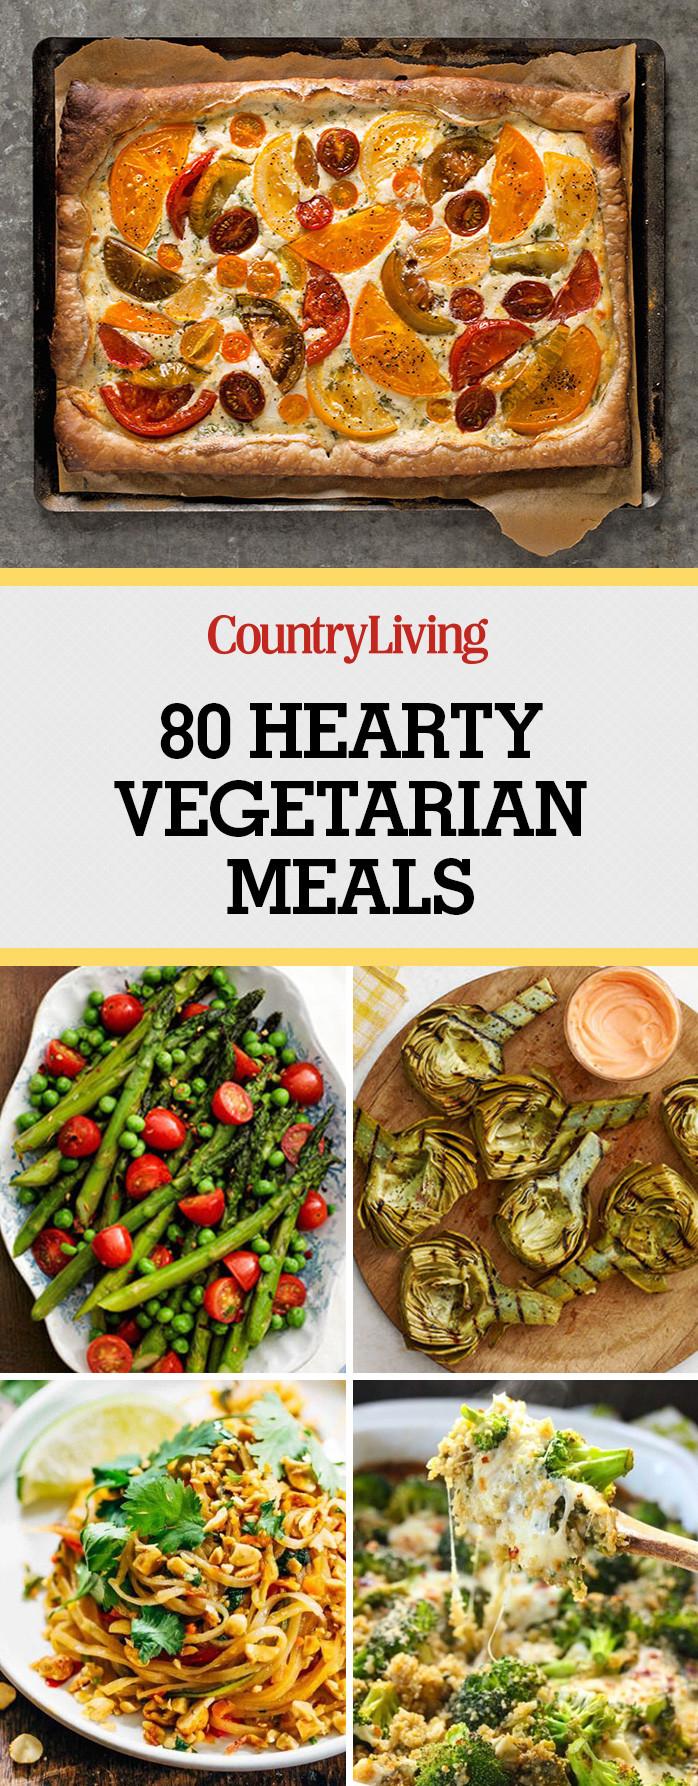 Veggie Dinner Ideas  80 Easy Ve arian Dinner Recipes Best Ve arian Meal